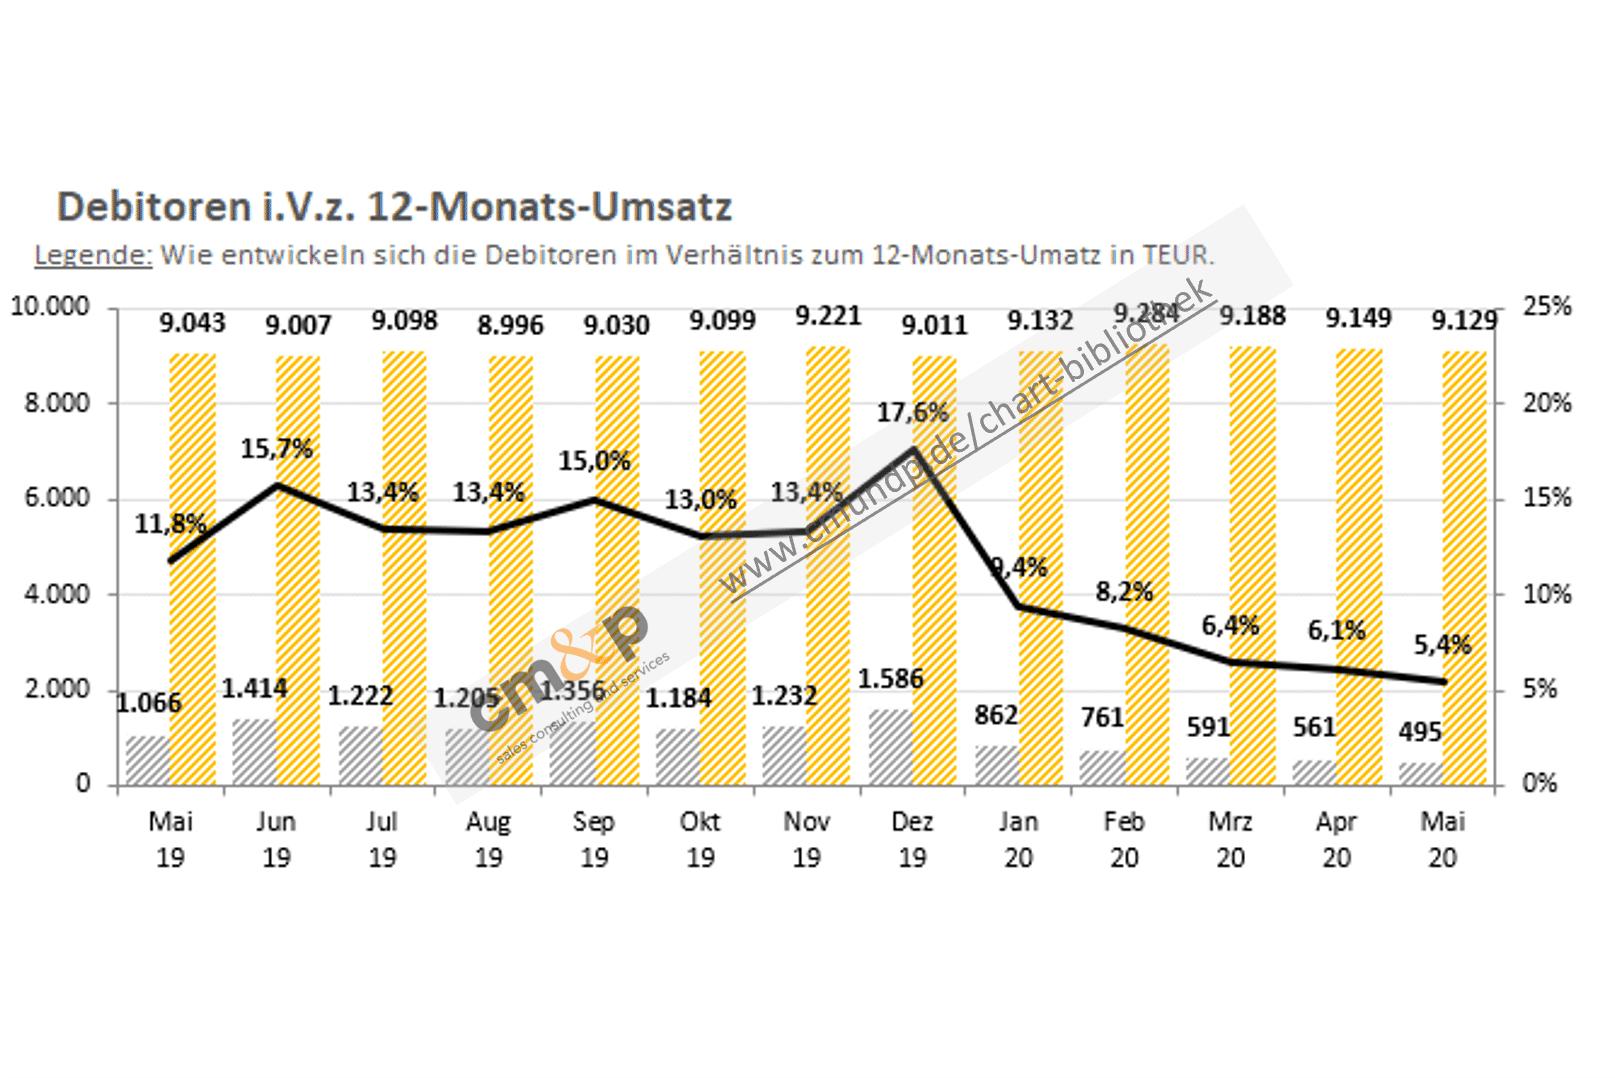 Darstellung der Forderungen und des 12-Monats-Umsatz als Säulen pro Monat mit Wertangabe in TEUR Abbildung des Verhältnisses von Forderungen und Umsatz als Linie in % mit Wertangabe